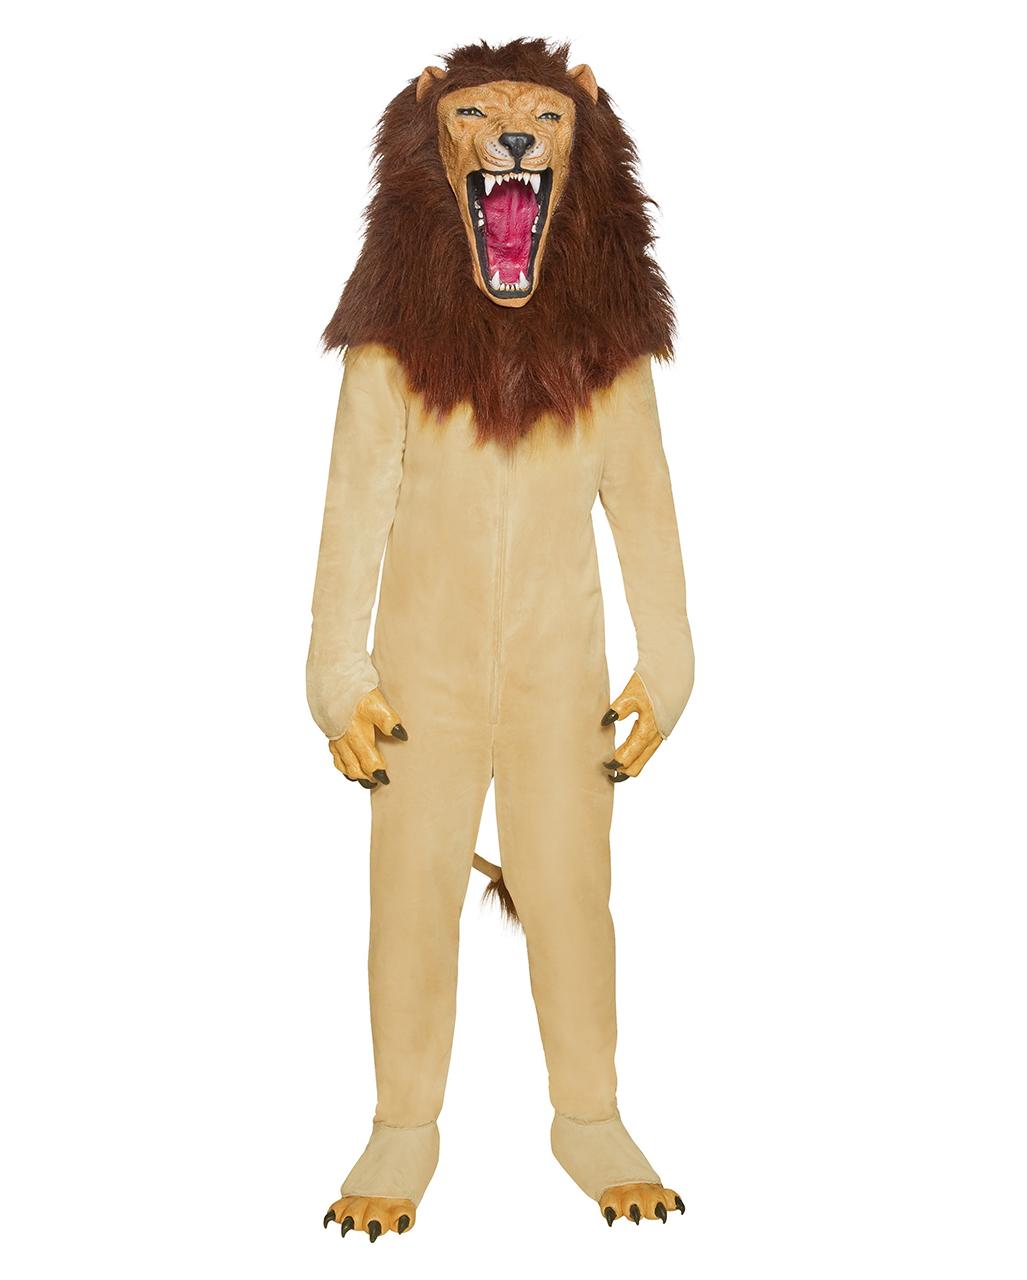 Lowen Kostum Mit Vollkopfmaske Eindrucksvolle Tier Verkleidung